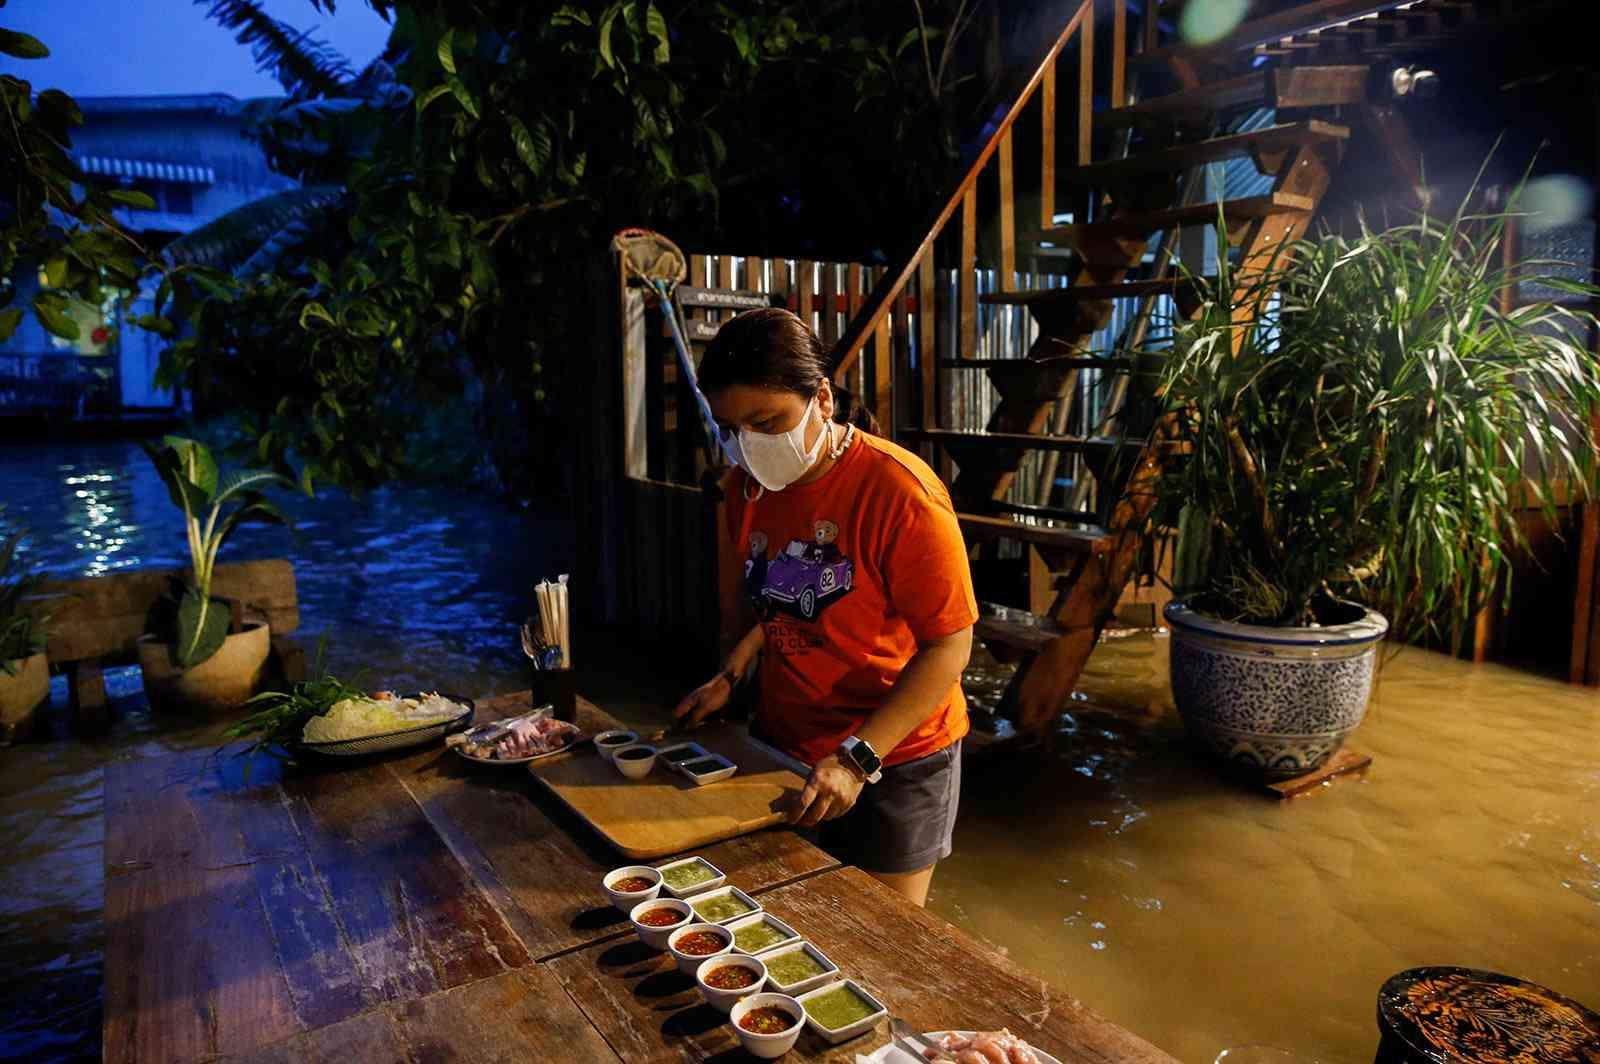 """""""بدلاً من إغلاقه"""".. فيضان يتسبب في زيادة الإقبال على مطعم تايلندي ليصبح معلماً سياحياً"""